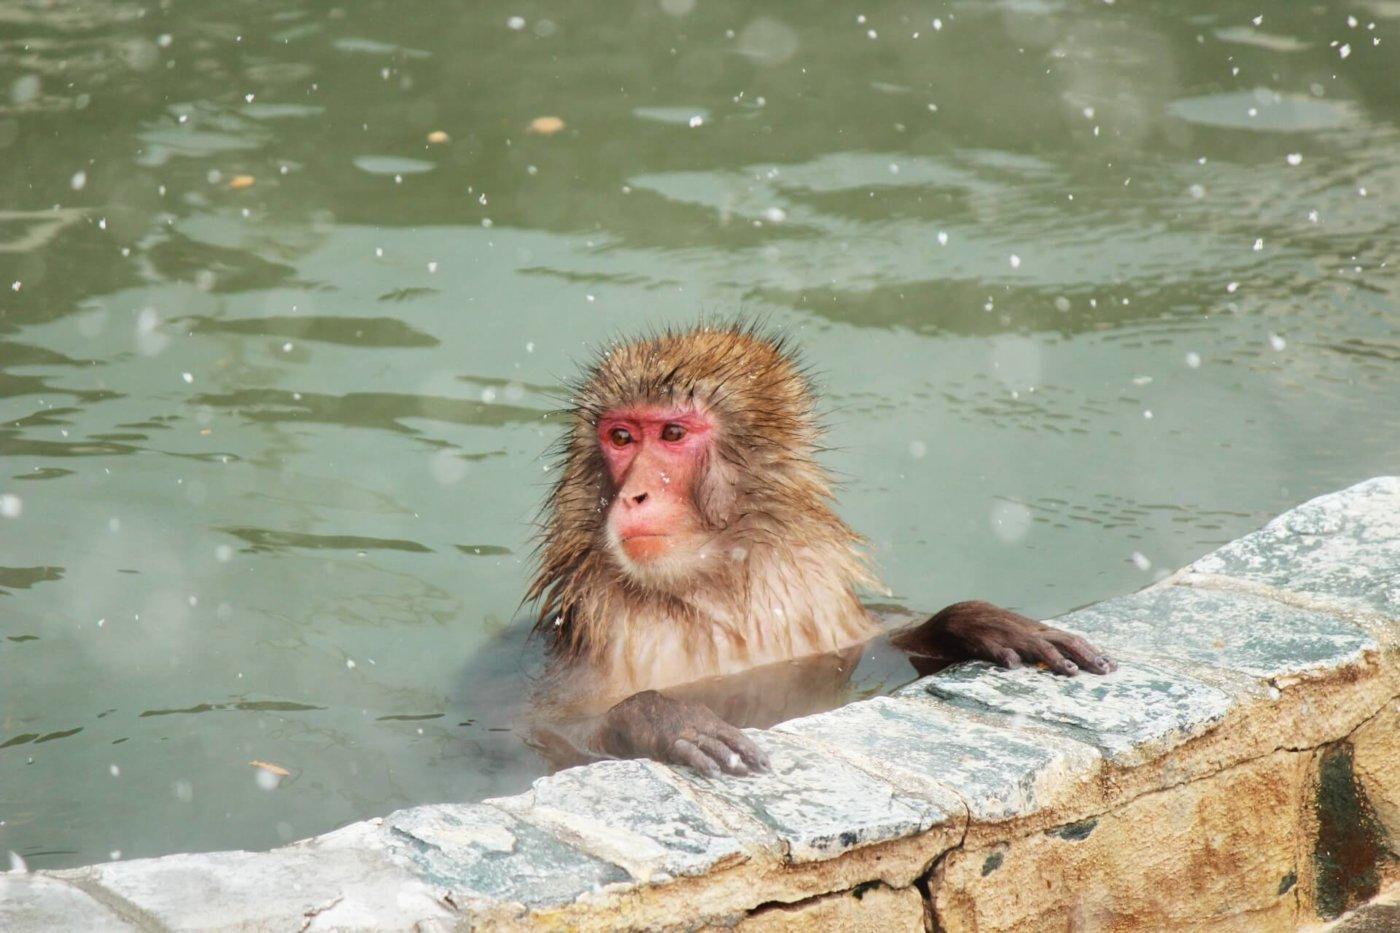 長野県には、温泉に入る猿がいる!?